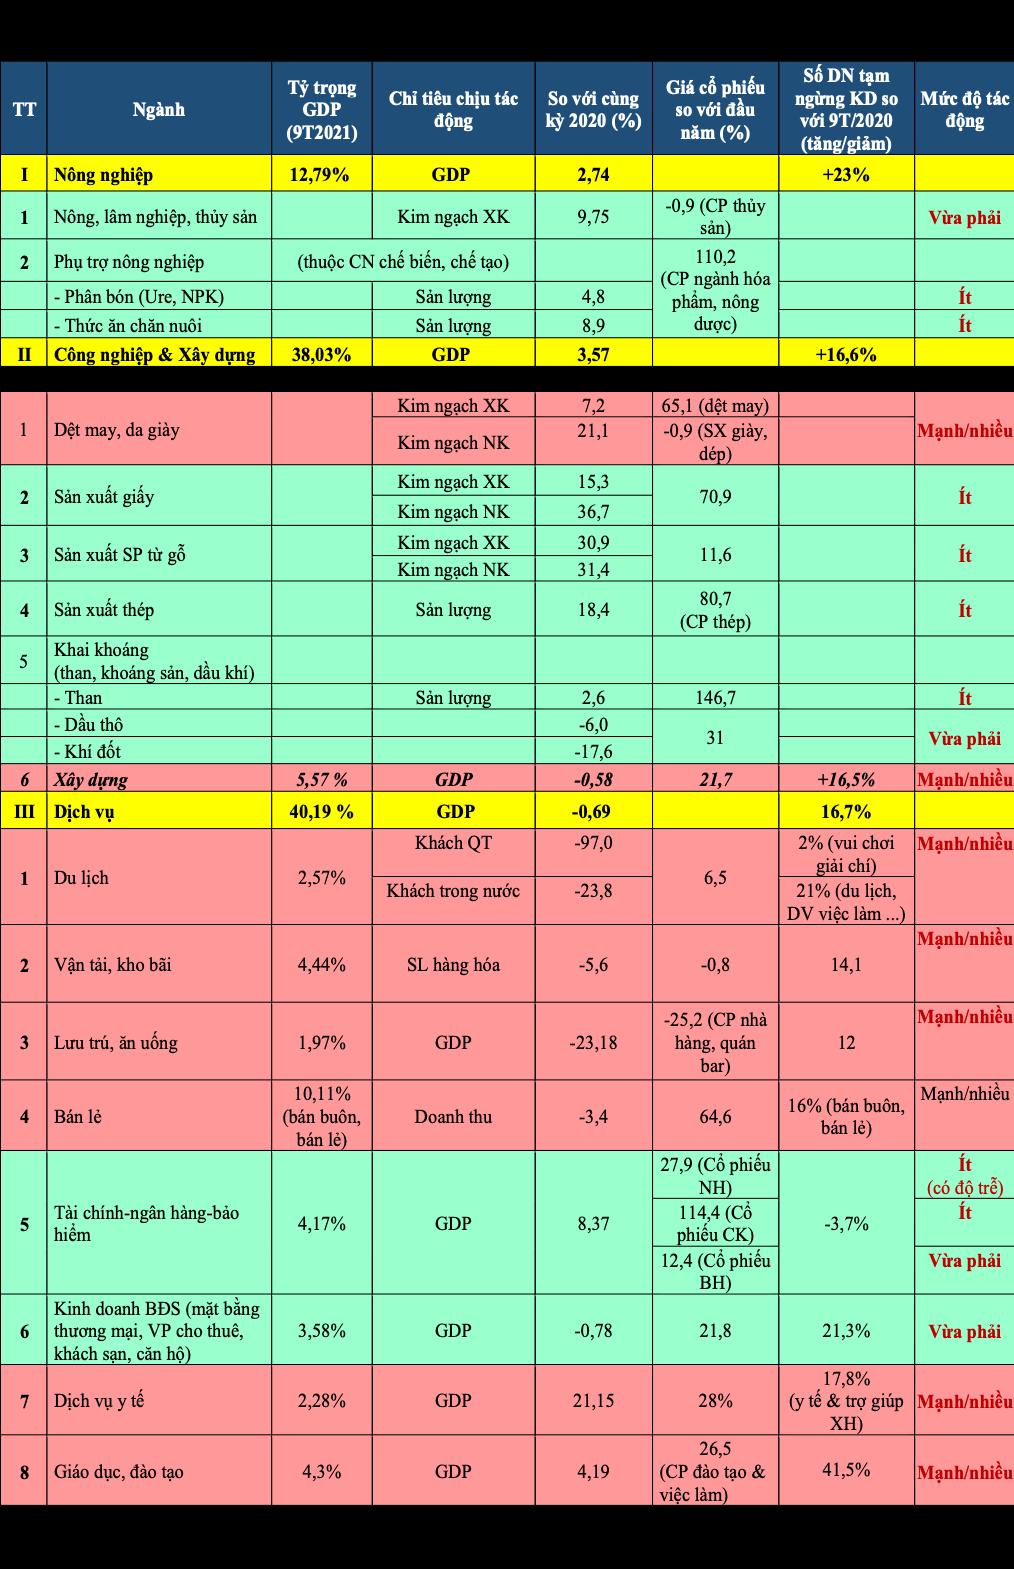 Cập nhật đánh giá tác động của dịch Covid-19 đối với các ngành kinh tế Việt Nam và khuyến nghị - Ảnh 1.